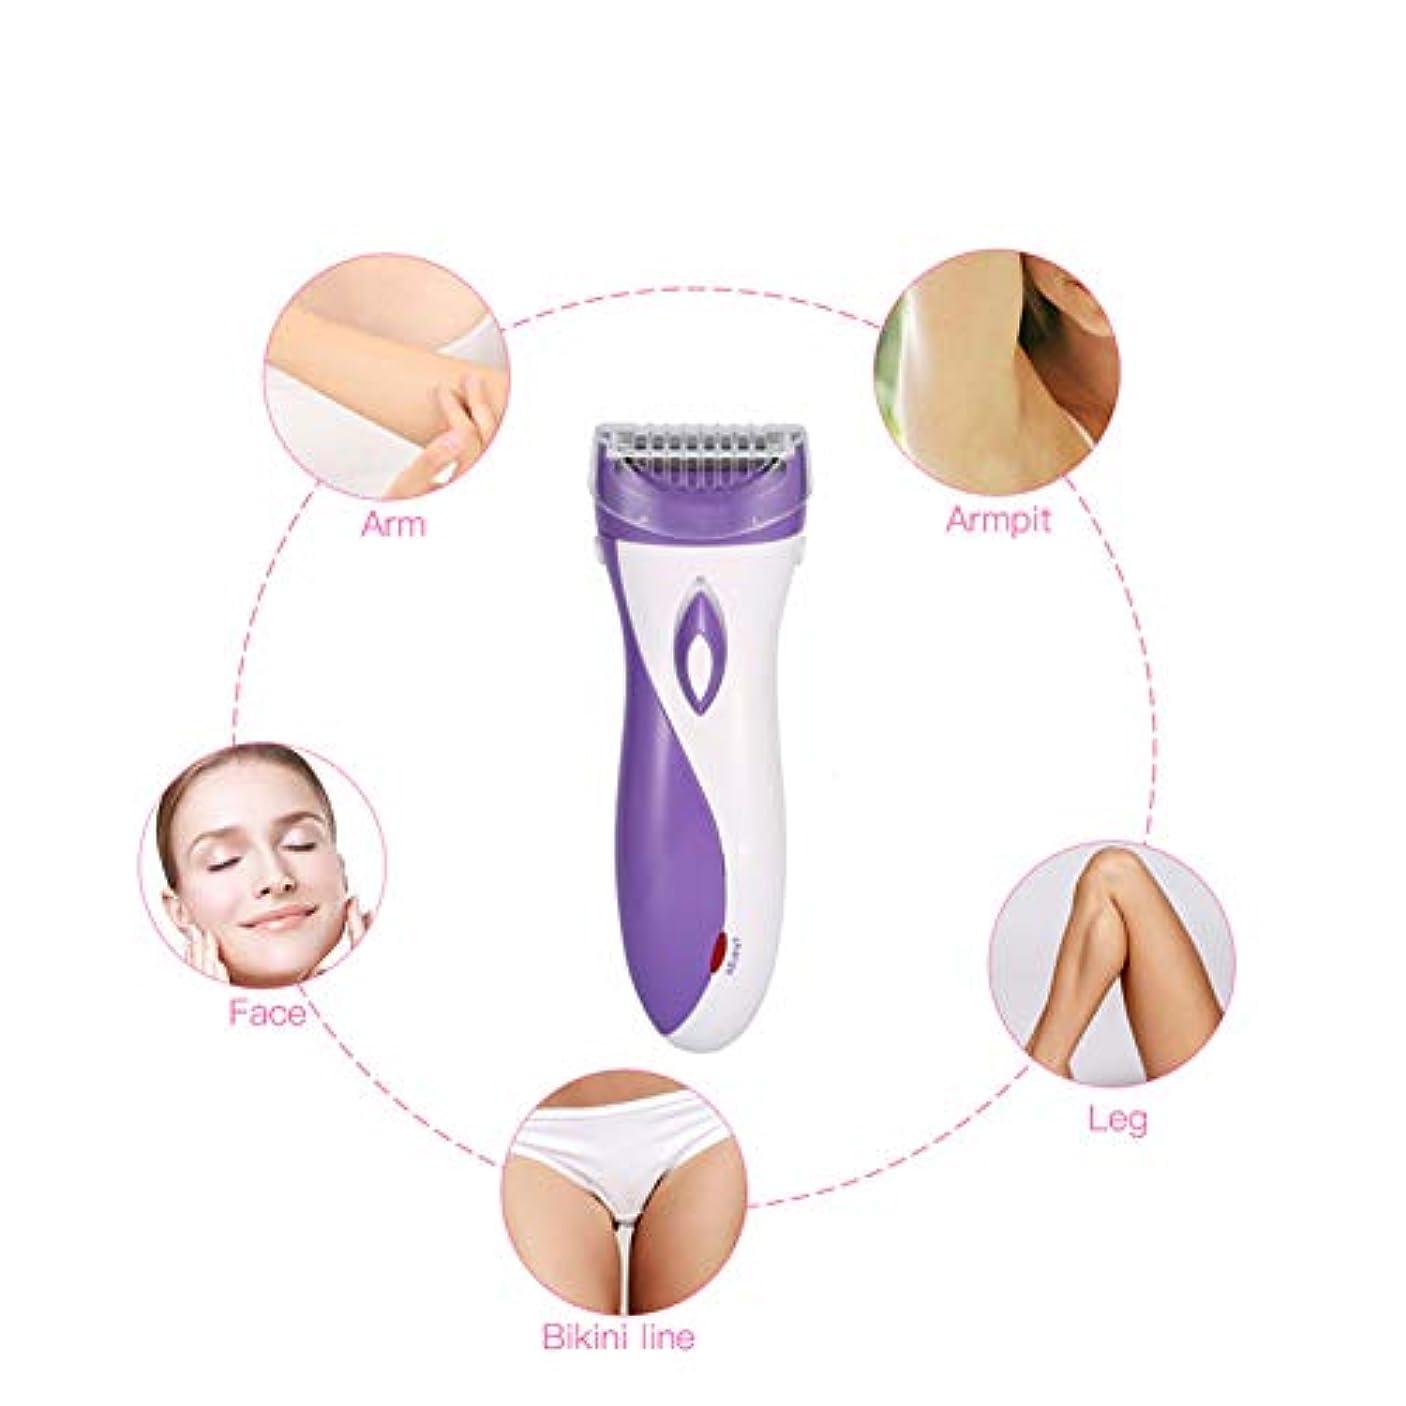 推定する影響力のある分離女性の電気毛の除去剤、ボディ顔の毛の除去剤、小型方法女性首の足のビキニのトリマー